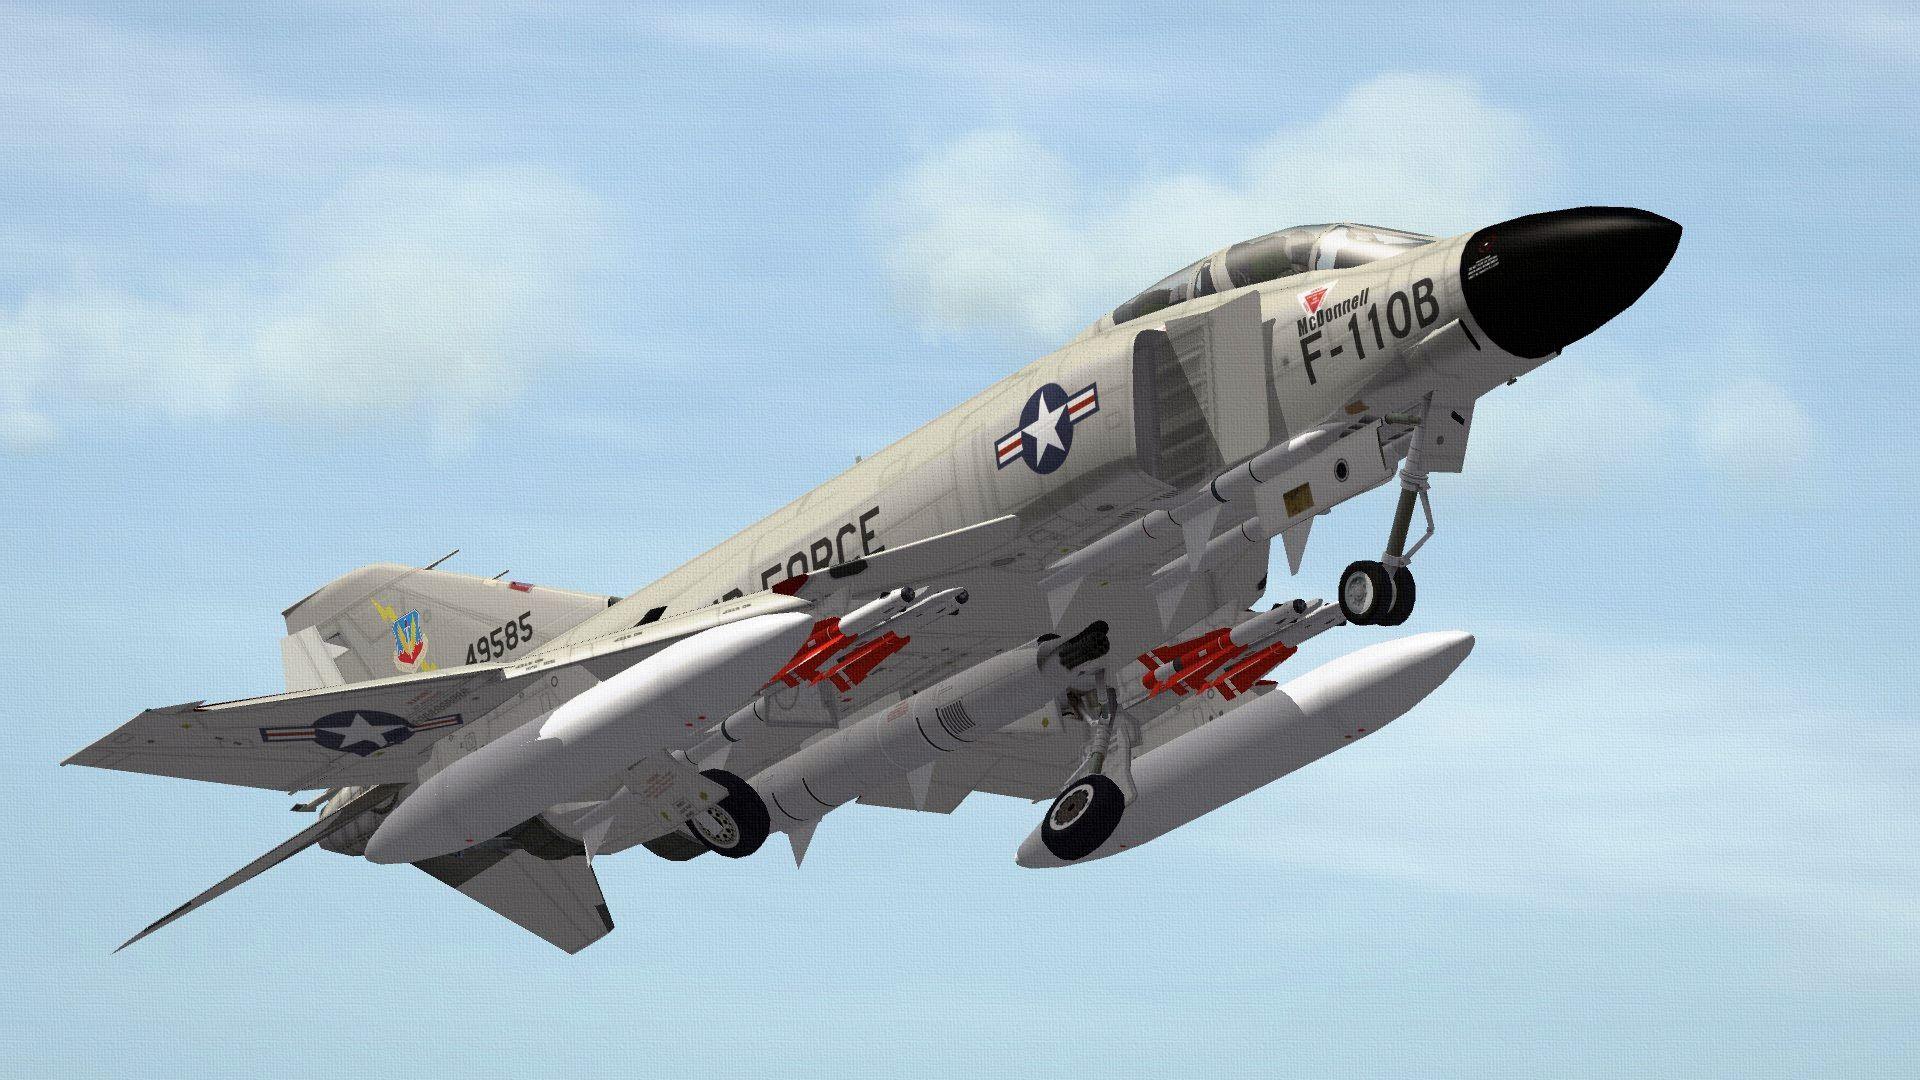 USAFF-110BPHANTOM03_zps4f172779.jpg